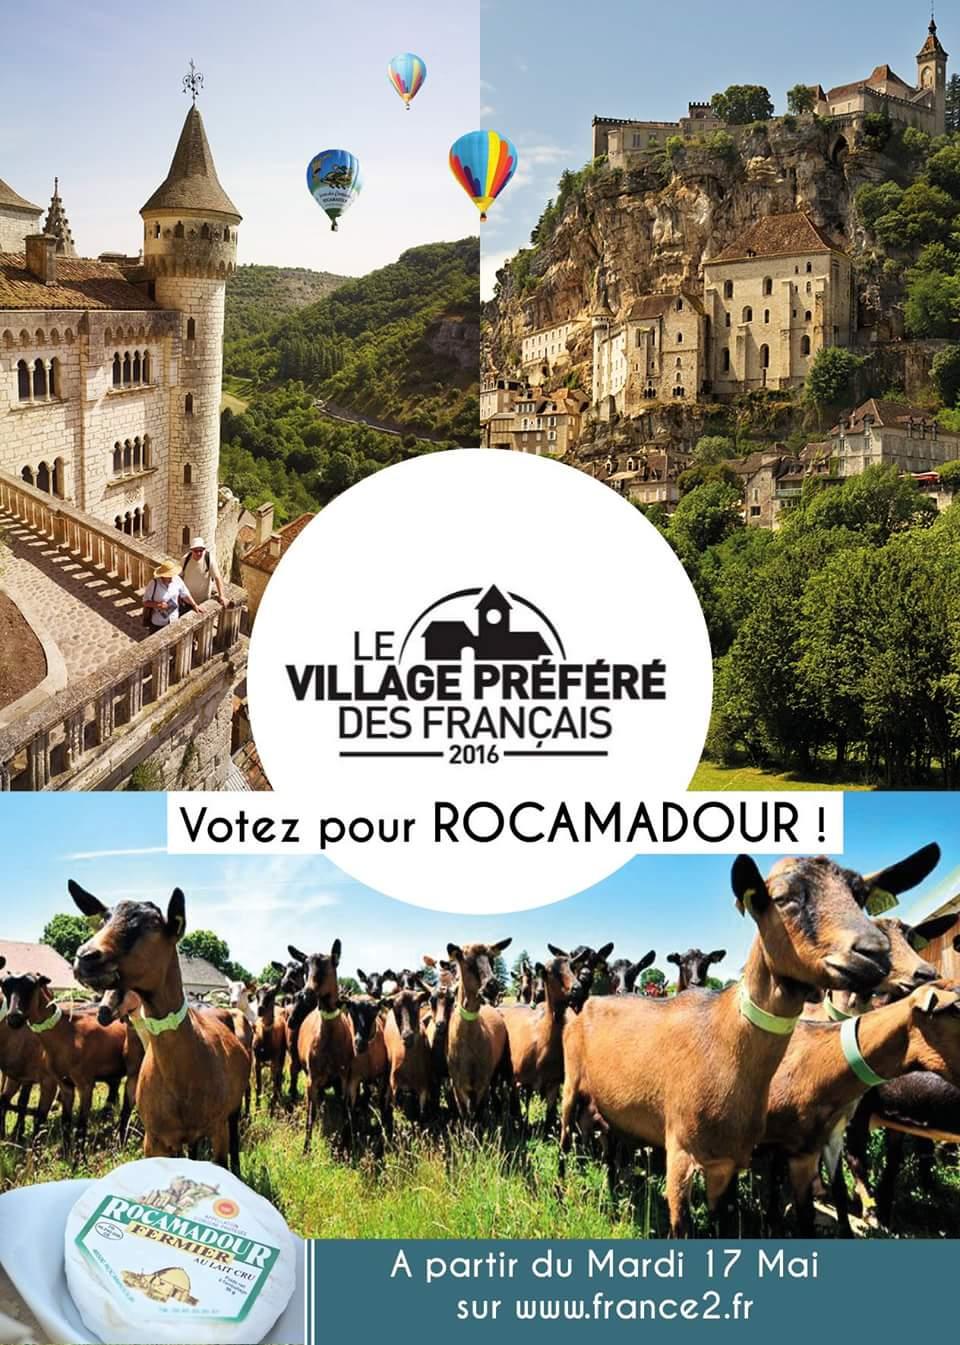 Rocamadour village préféré des français